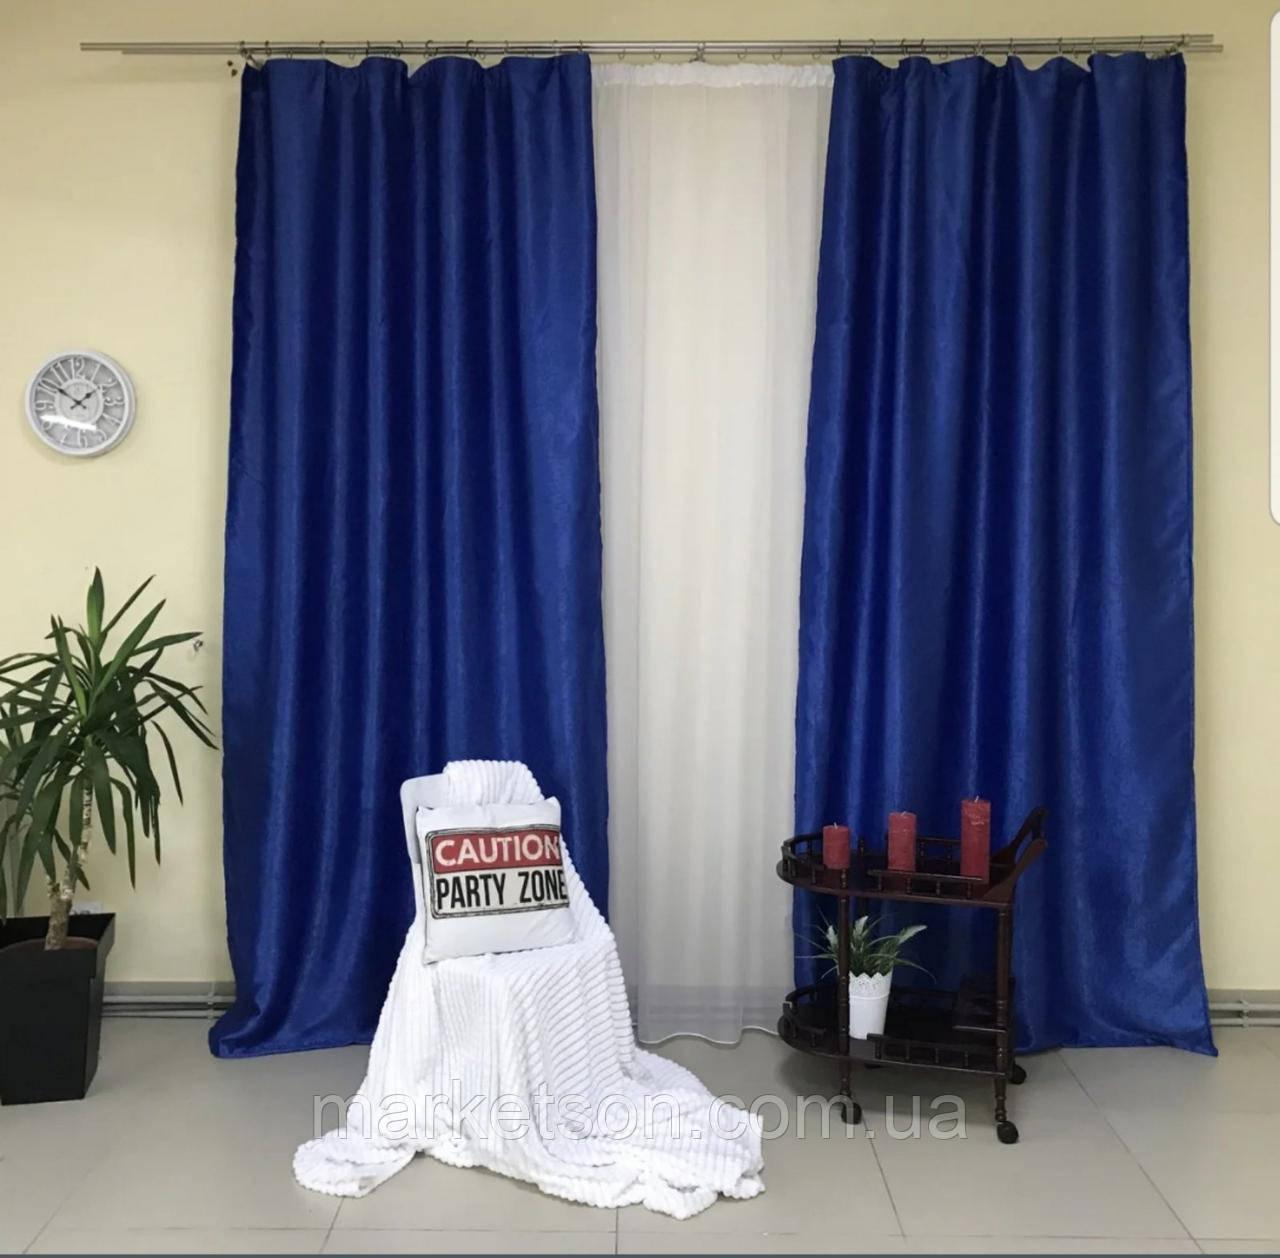 Готовые шторы солнцезащитные из плотной ткани блэкаут софт на тесьме